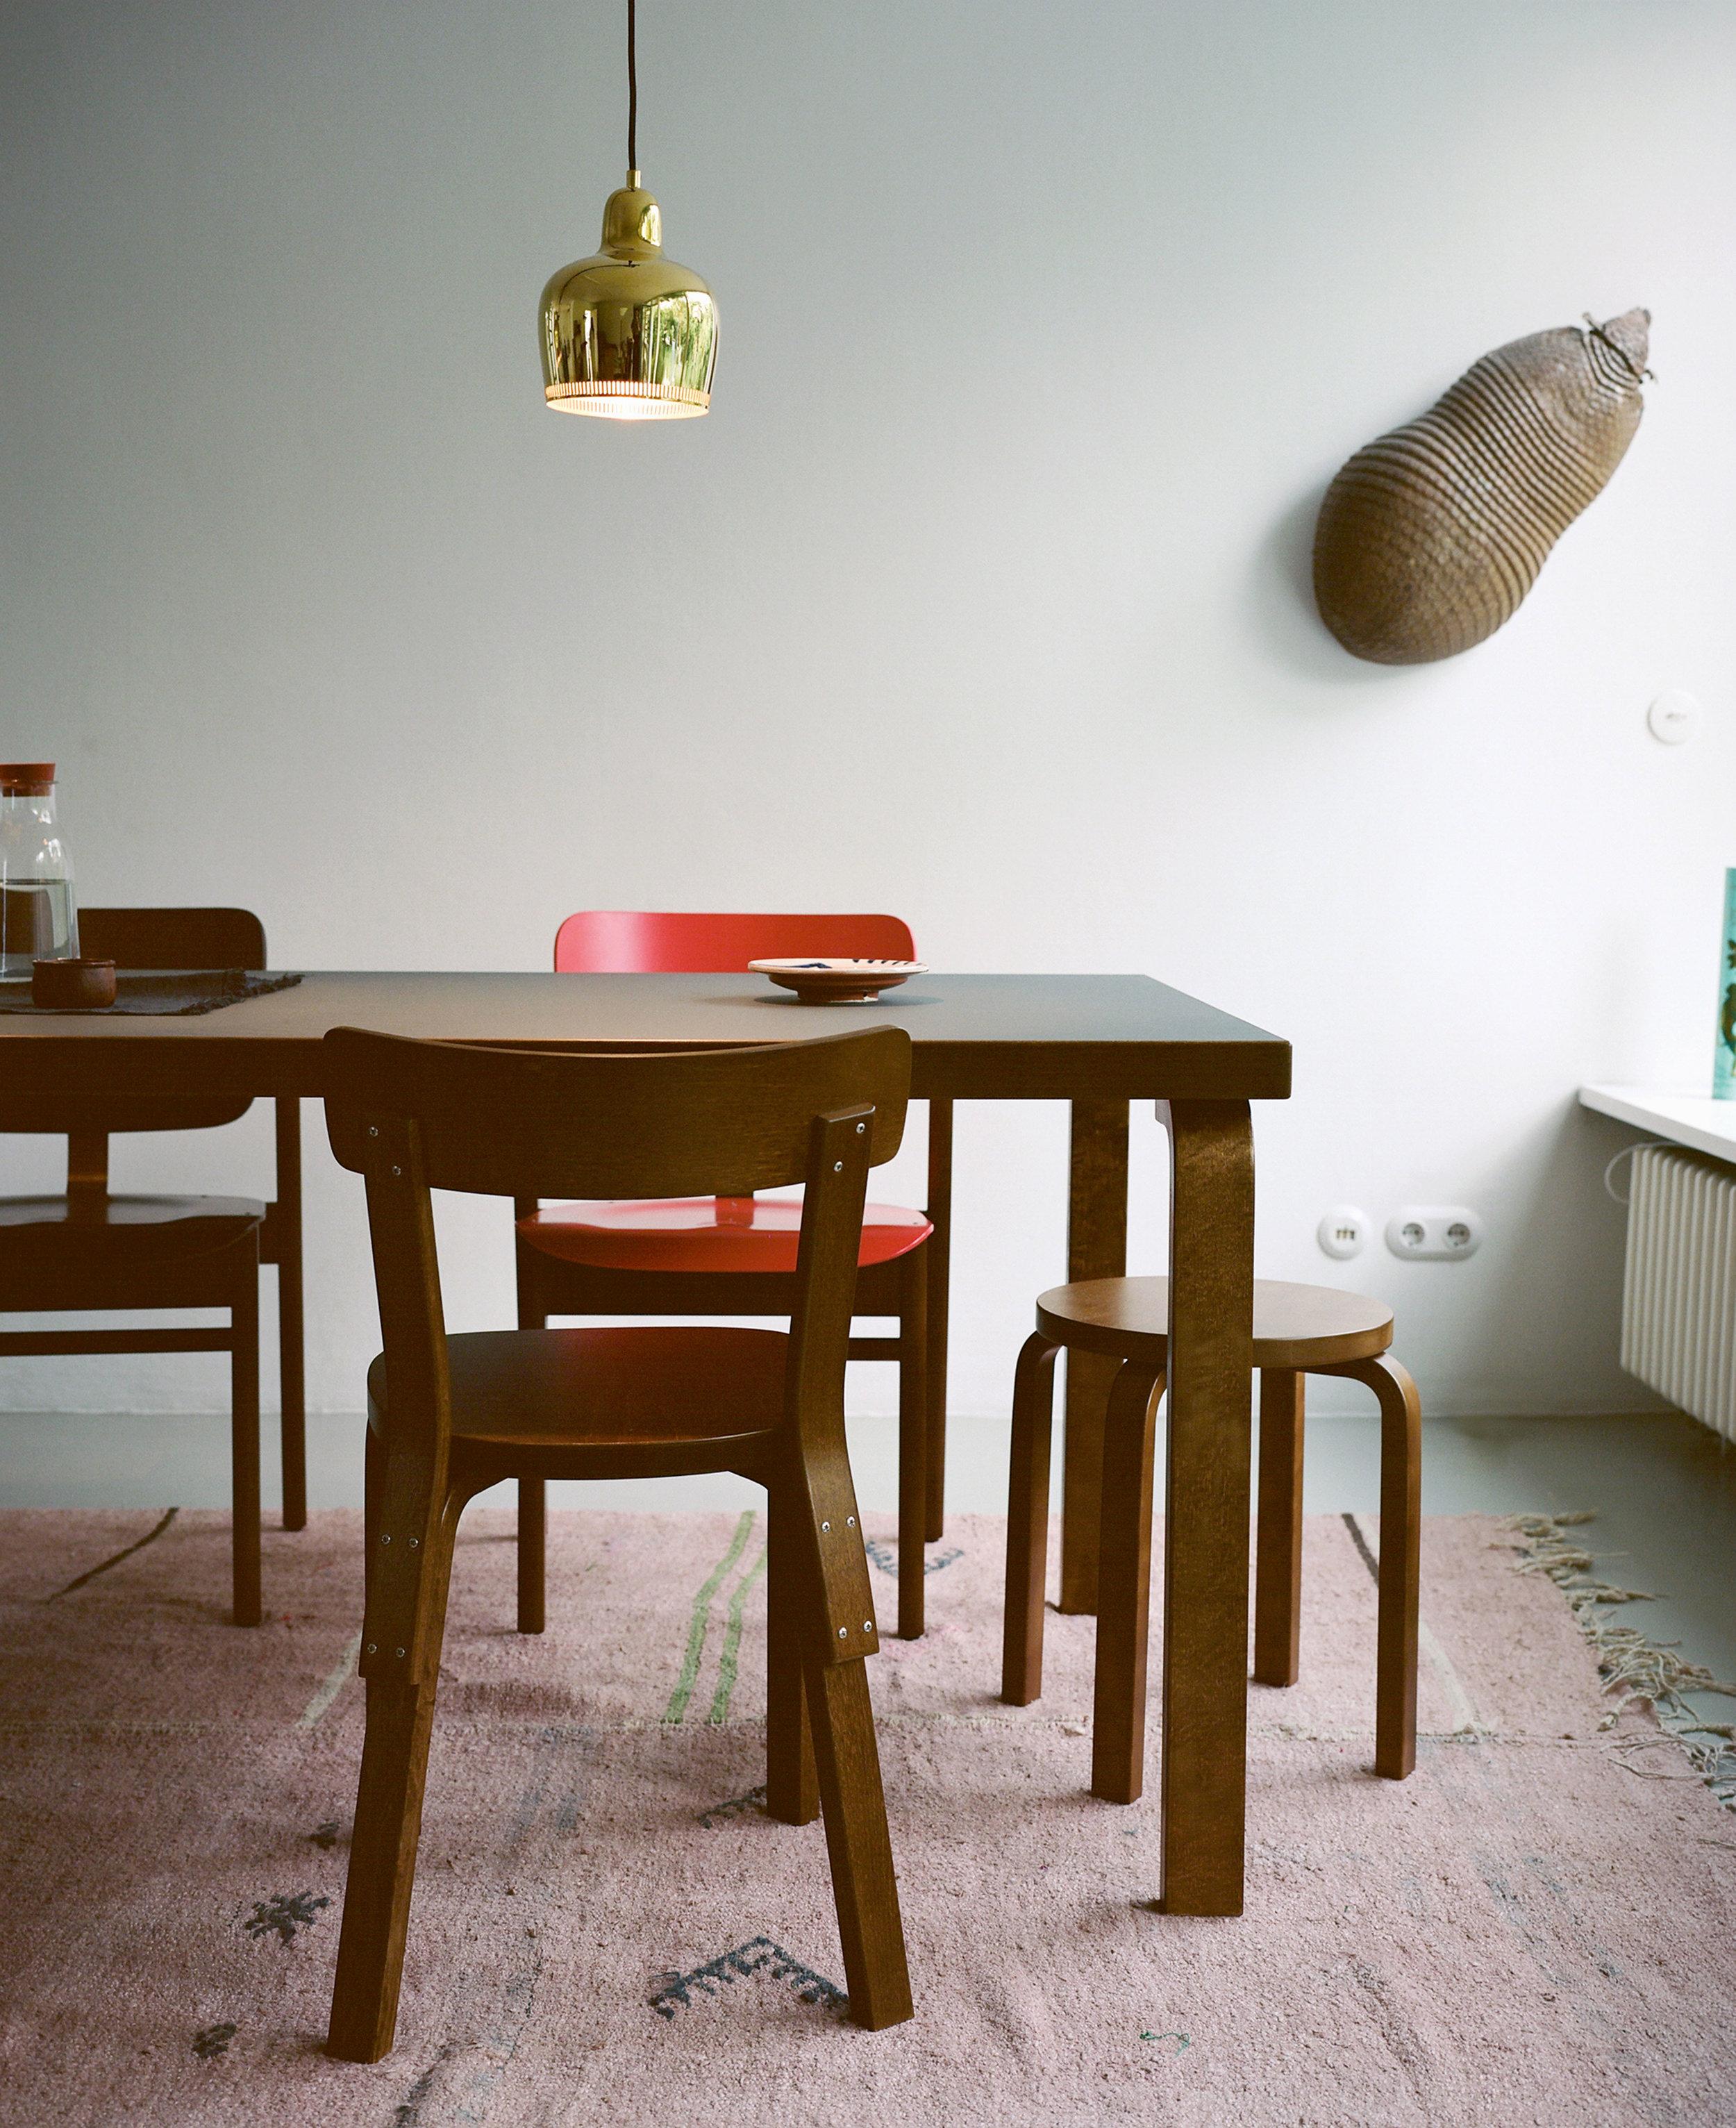 Chair_69_Stool_E60_Walnut_Stain_Pendant_Light_A330S_Golden_Bell.jpg